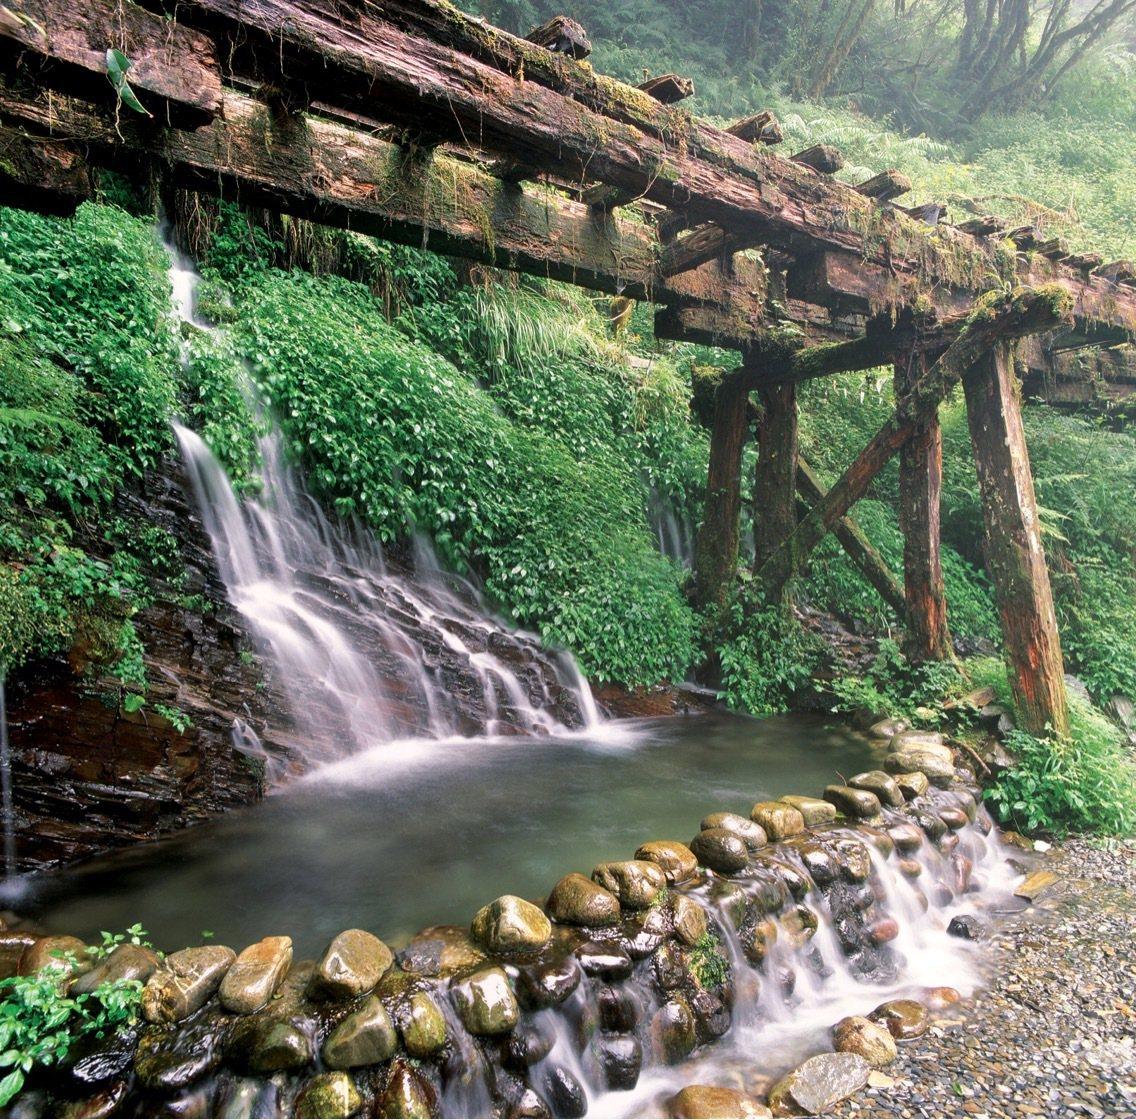 春節假期以阿里山、太平山及武陵等國家森林遊樂區遊客人數最多。圖/林務局提供